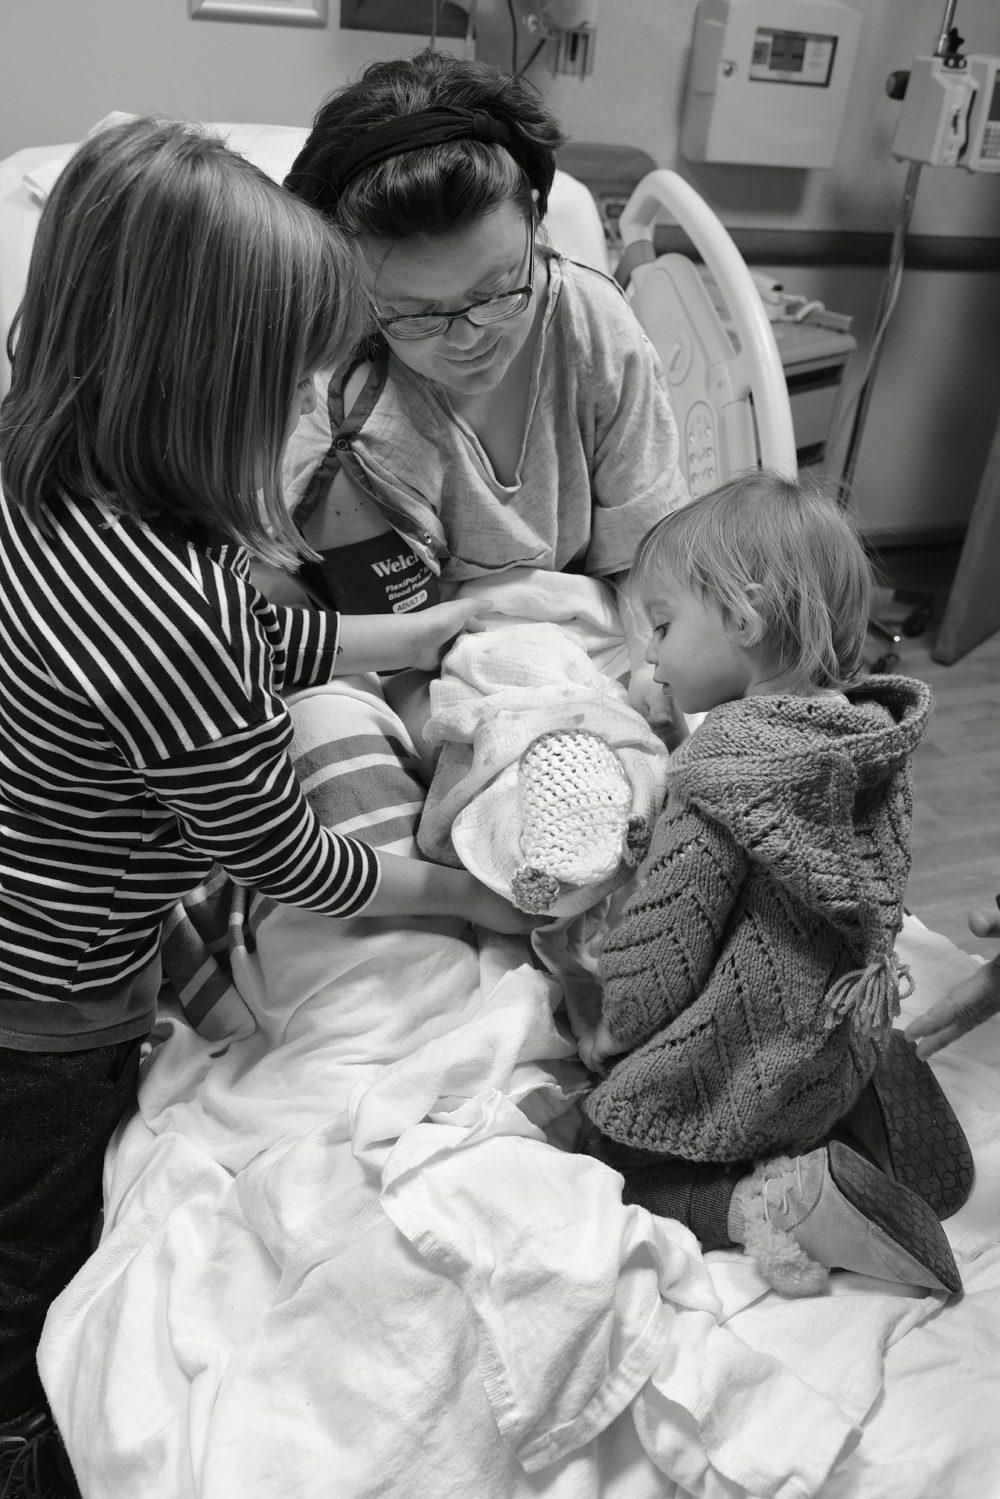 Дана и ее дочери Хлоя и Кейт держат малыша Генри. Генри умер от редкого состояния — двустороннего почечного агенеза, он родился без почек.